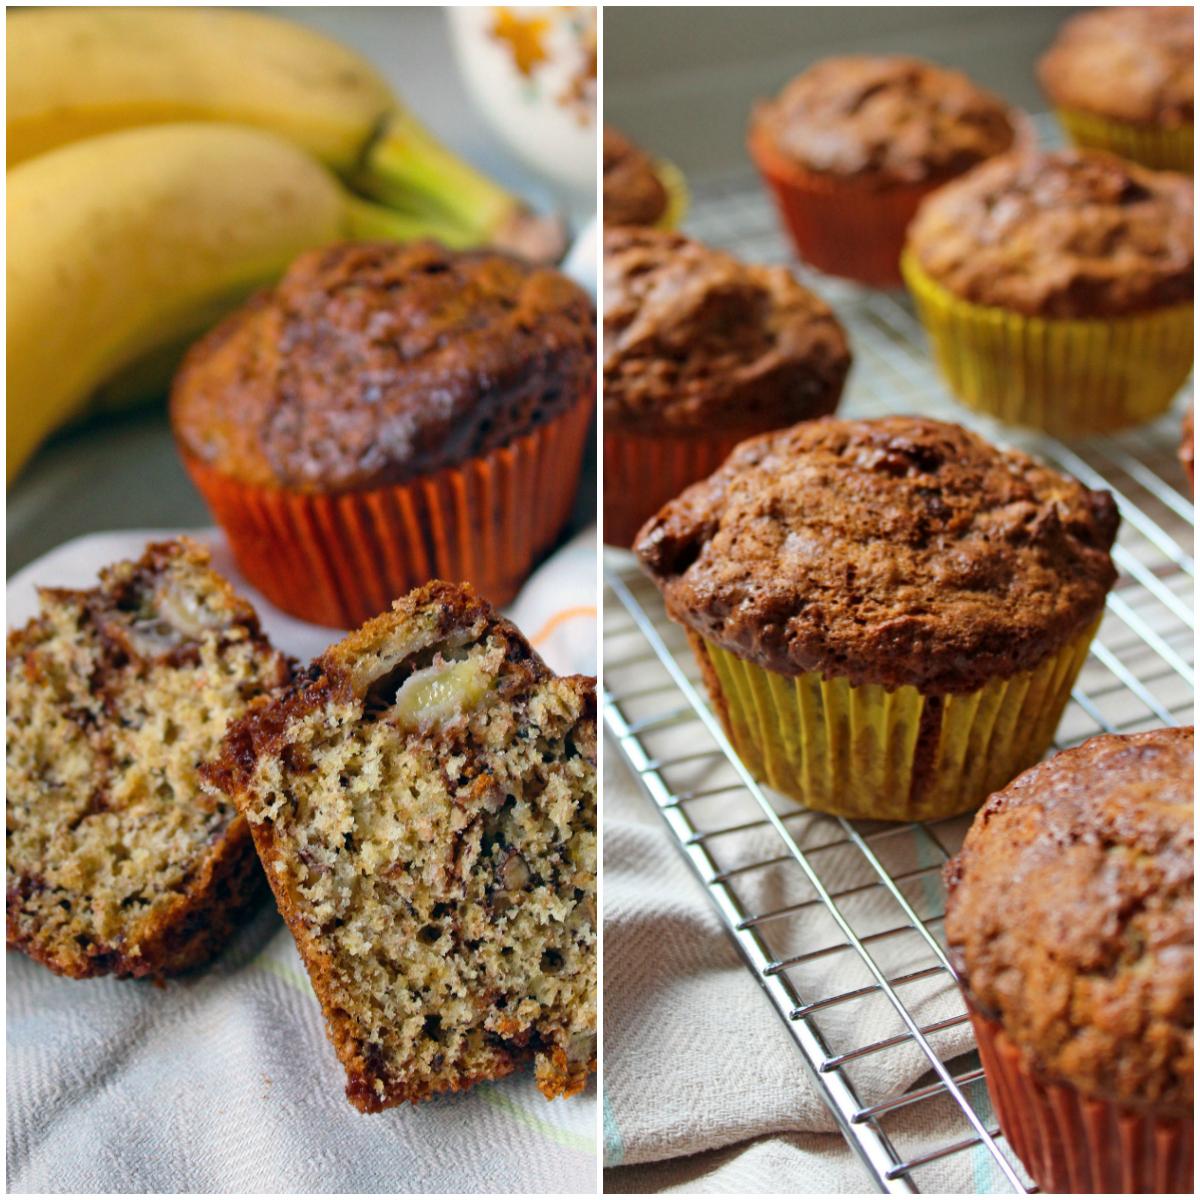 Baking Heaven inspired Chocolate Banoffee Muffins